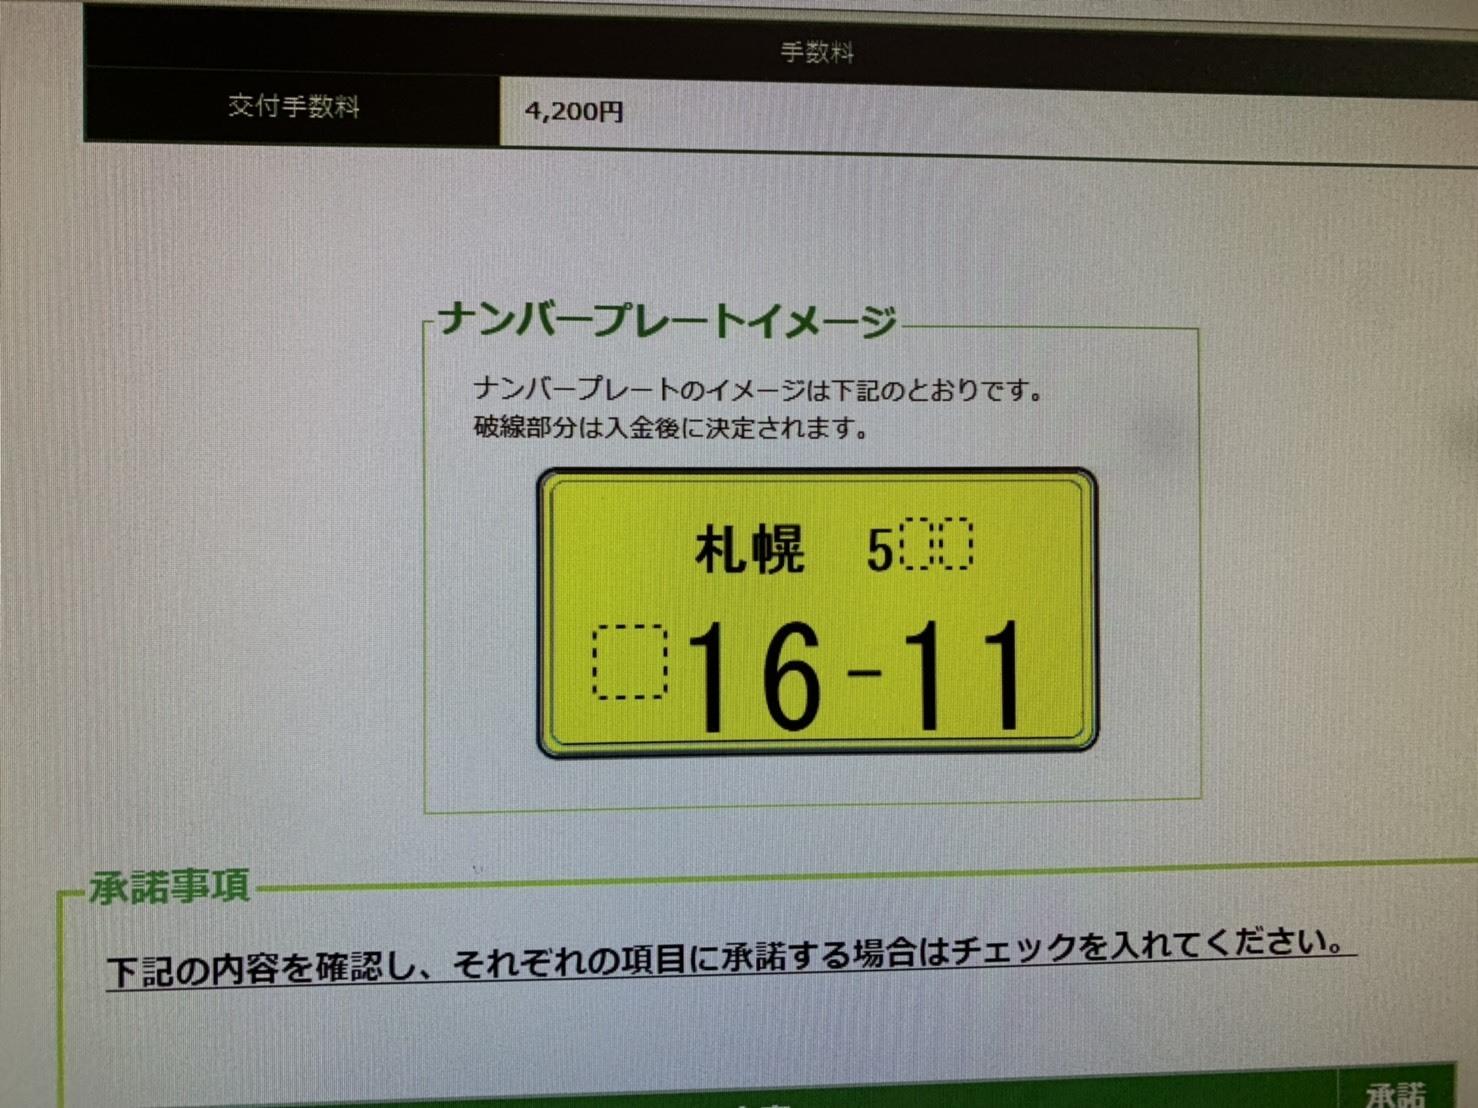 2月16日(土)☆ハイエースあります✊サクシードA様納車♡ ランクル レクサス ハマー TOMMY♡_b0127002_20355910.jpg